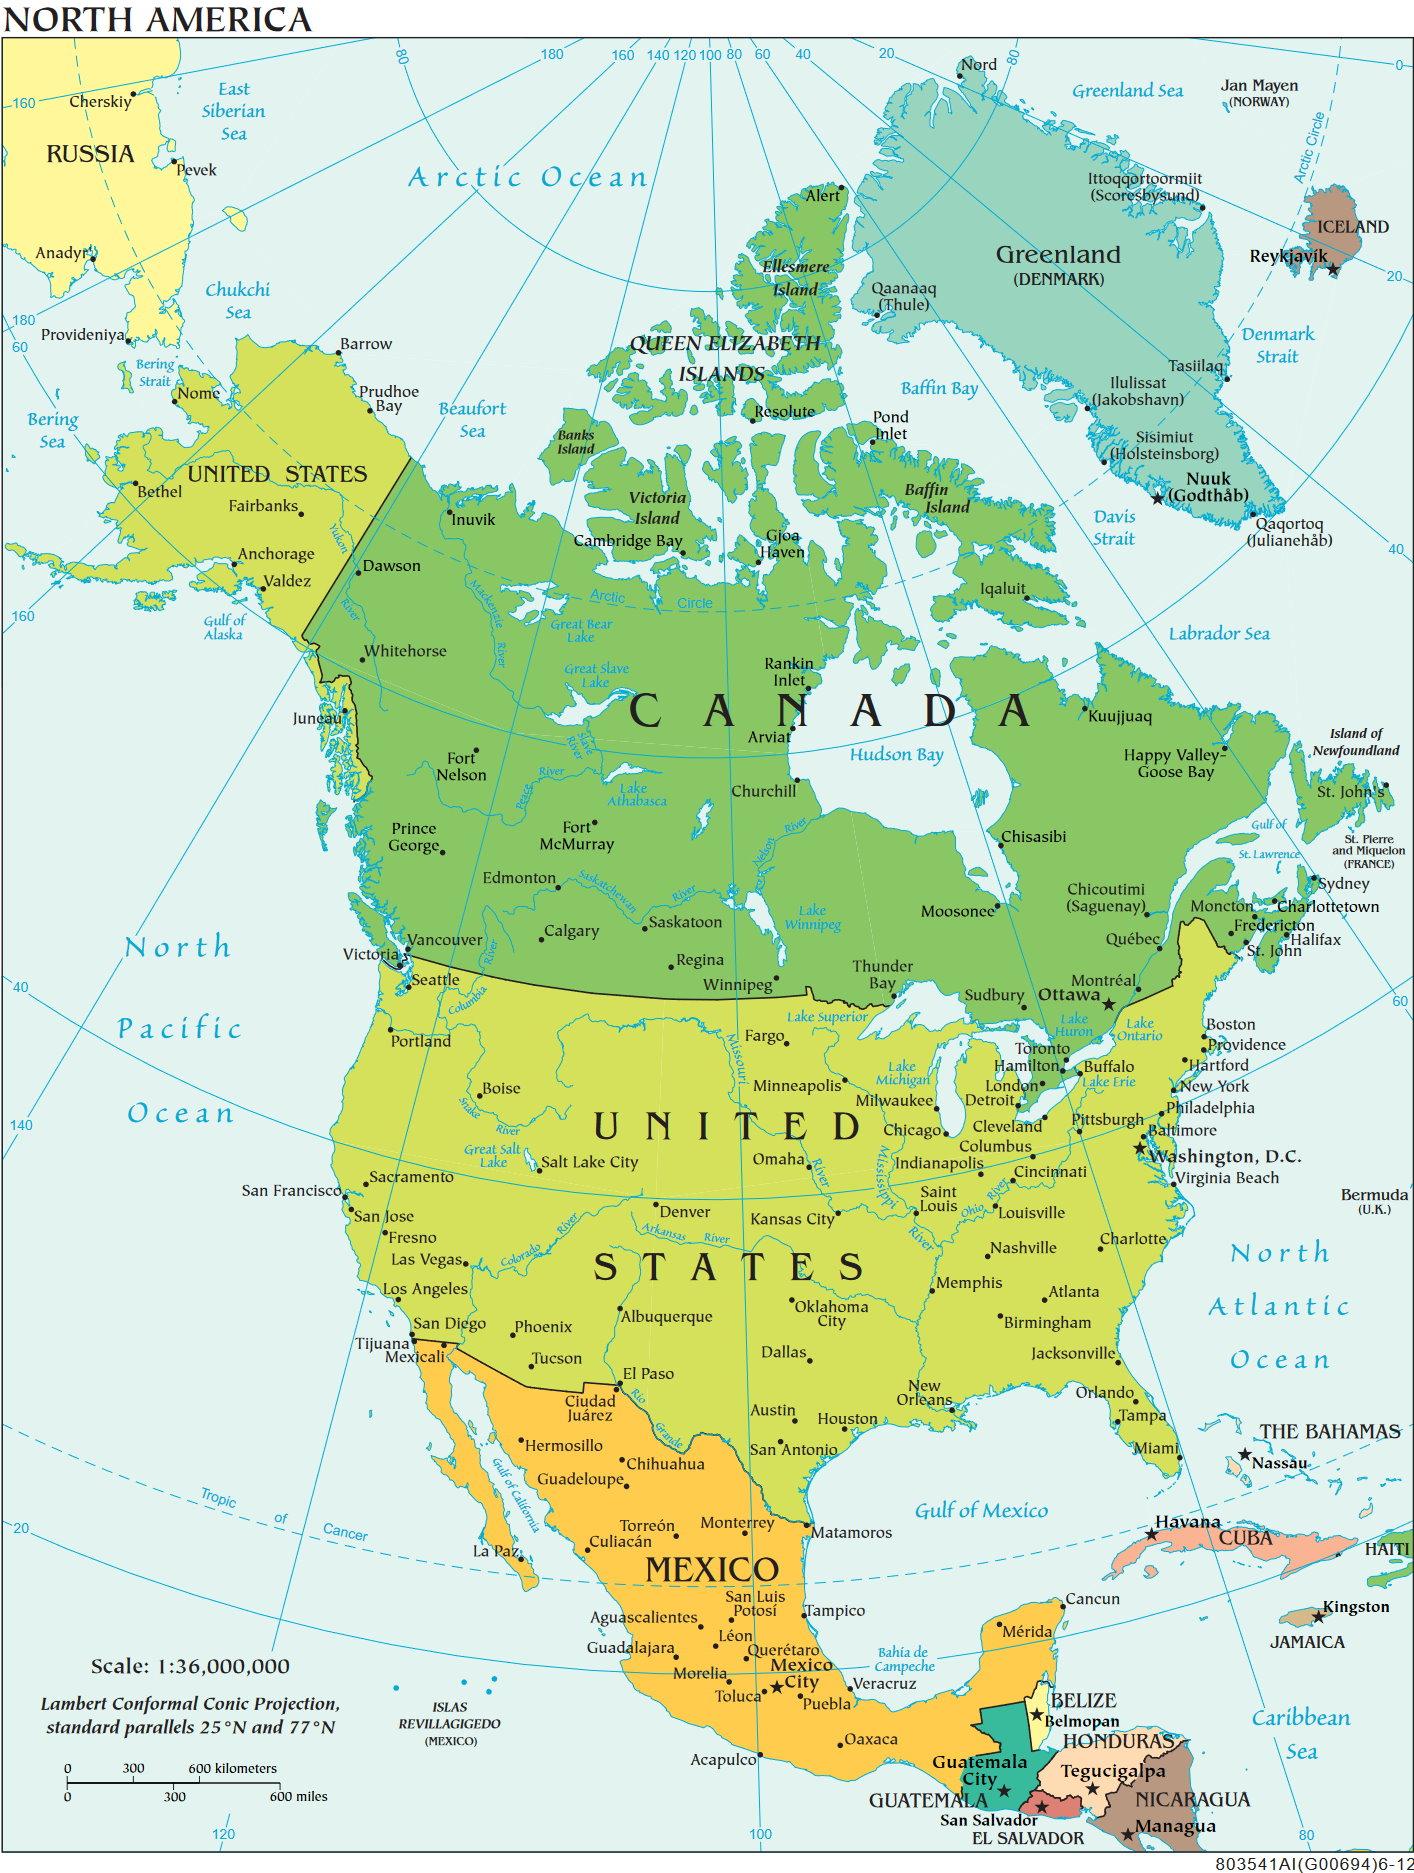 Die Regionale Und Politische Unterteilung Nordamerikas in Nordamerika Karte Mit Staaten Städte